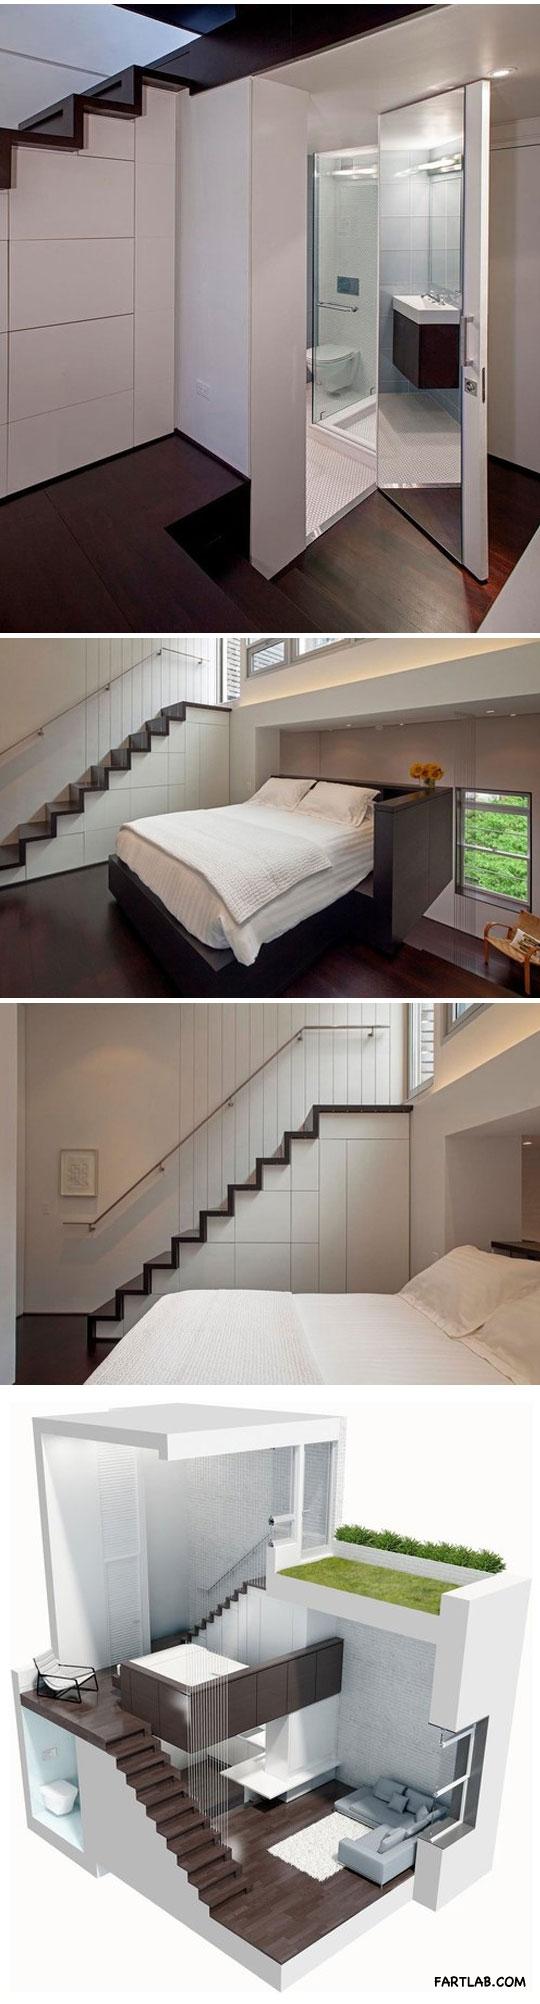 Small home design…